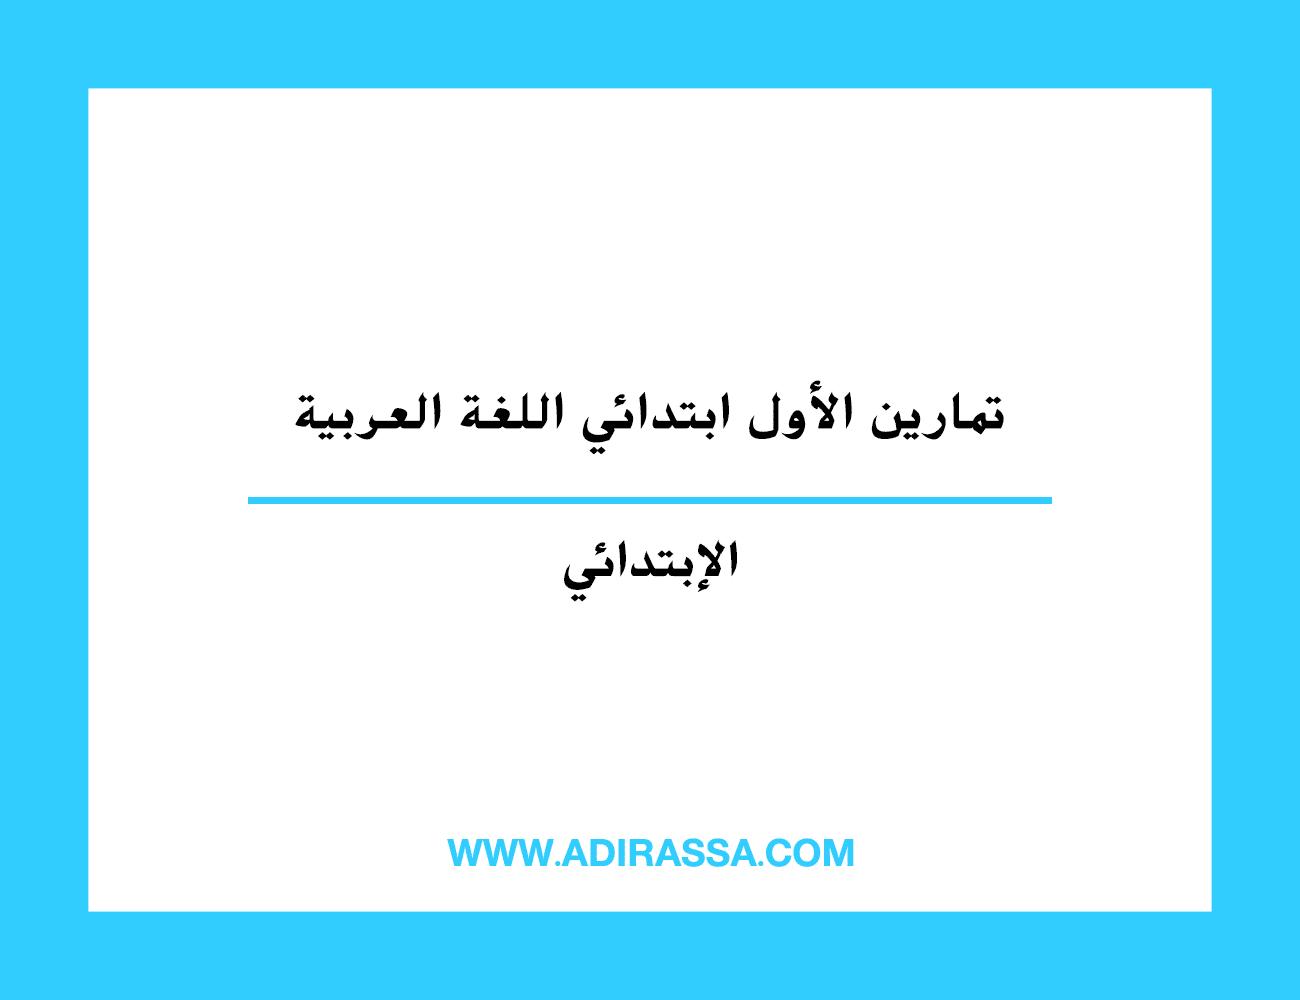 تمارين الأول ابتدائي اللغة العربية